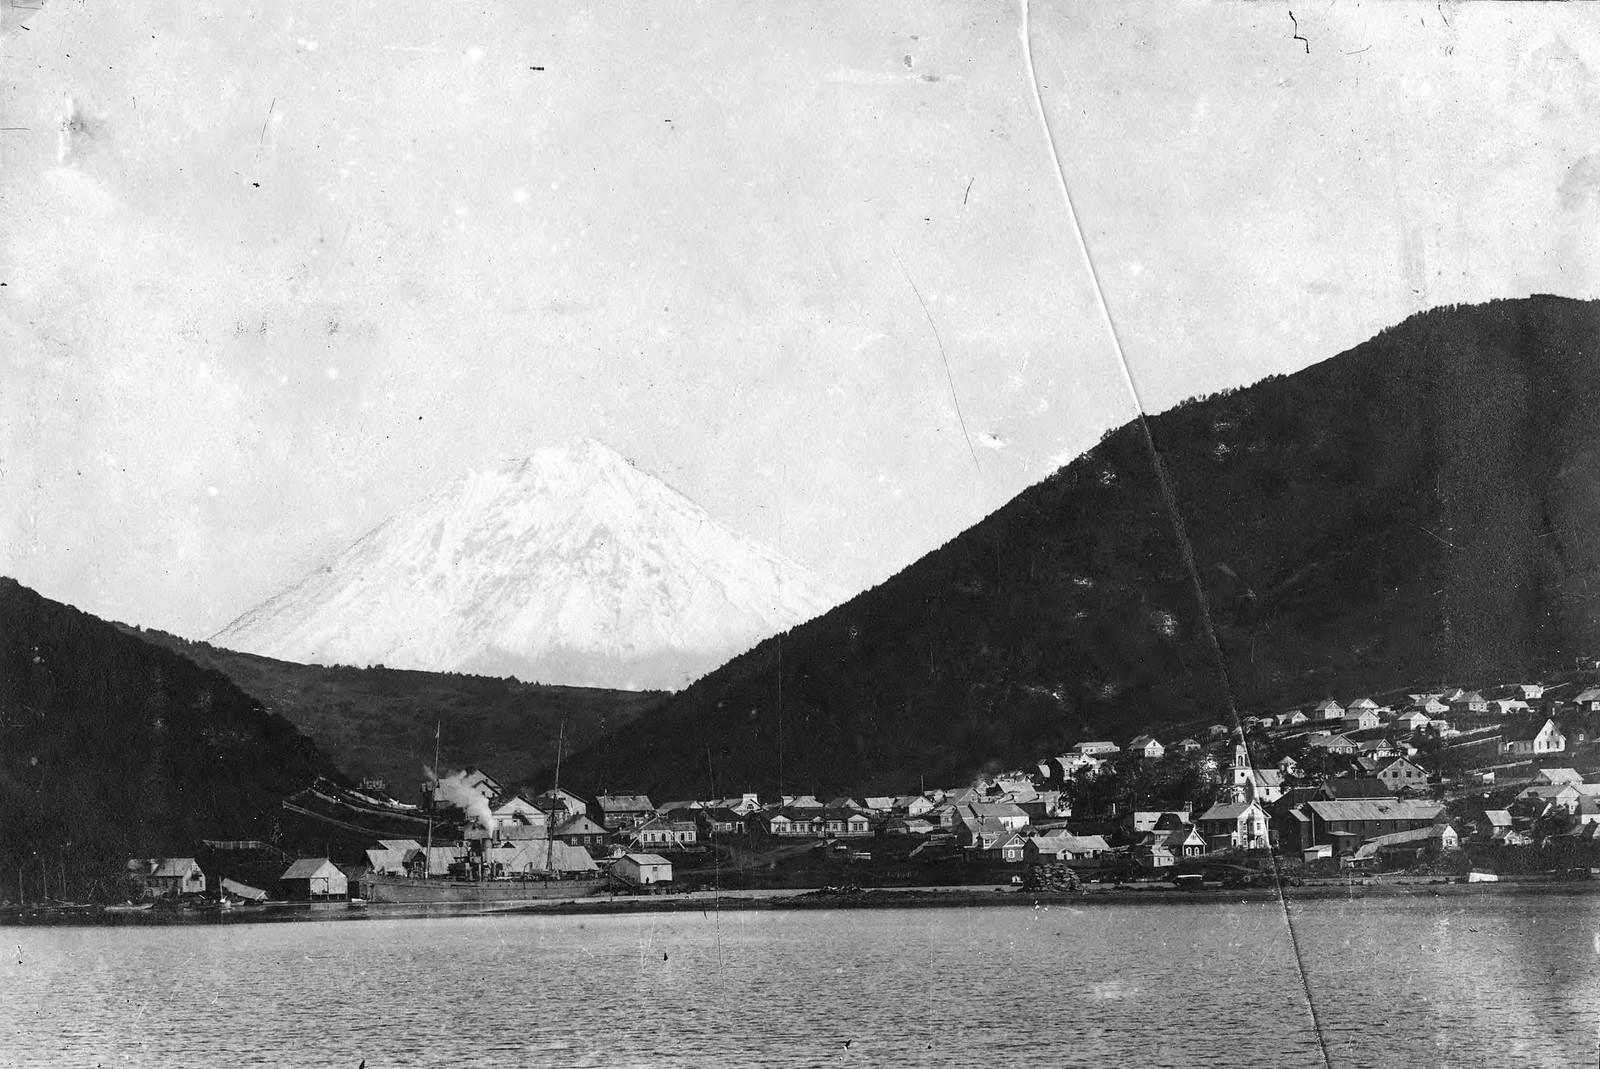 1910. Вид на город со стороны Петропавловской гавани, видна Корякская сопка